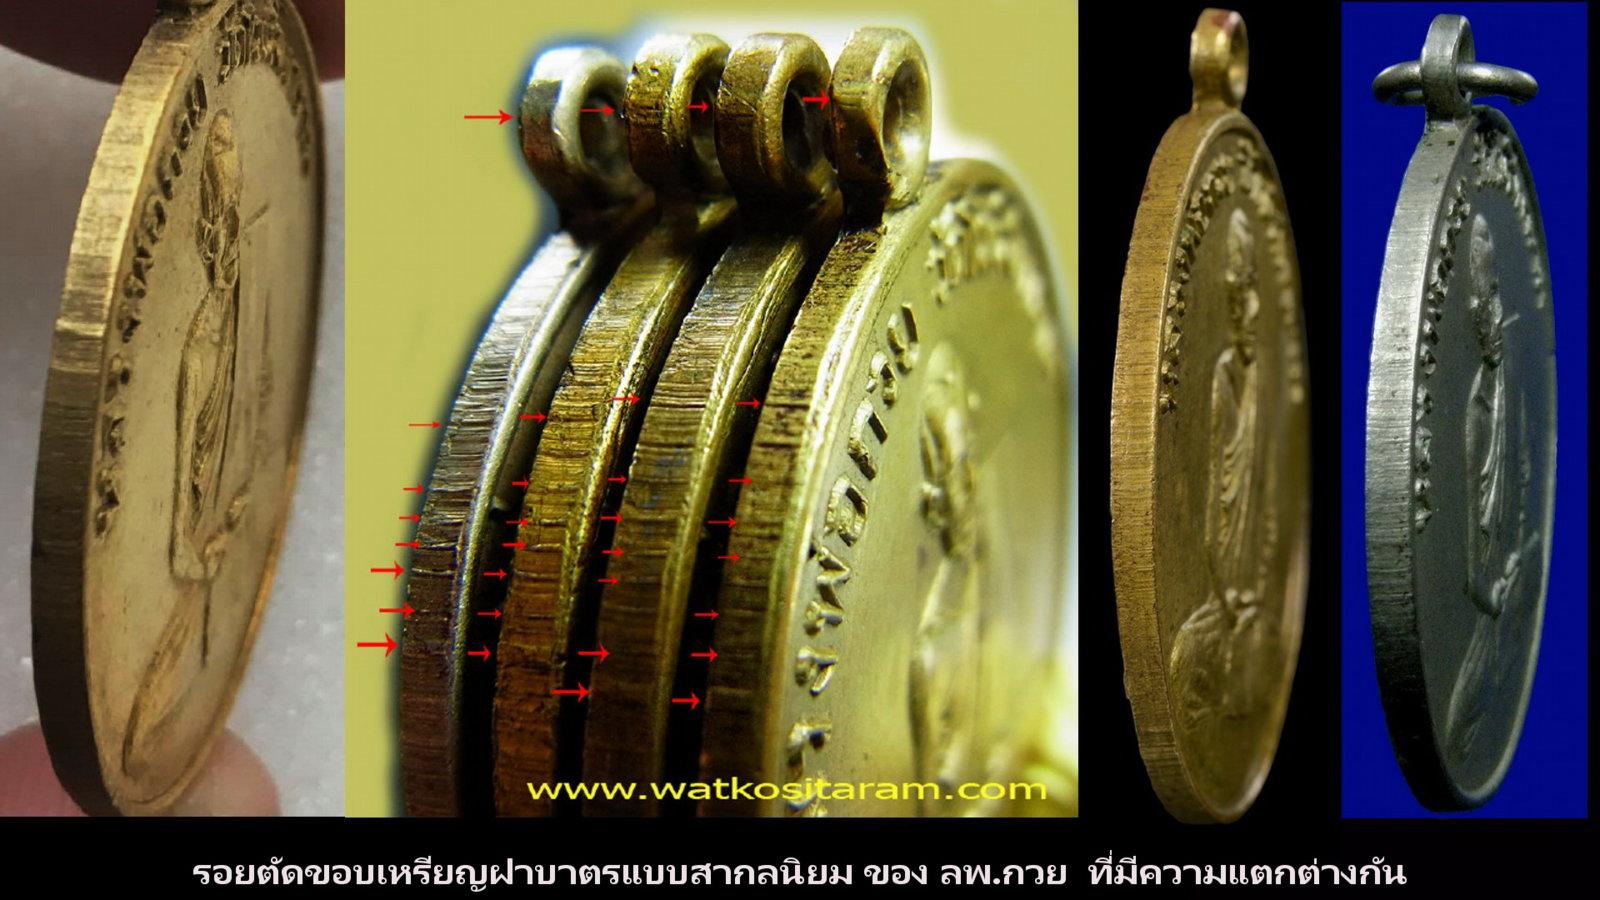 เหรียญฝาบาตร ลพ.กวย-13-1.jpg